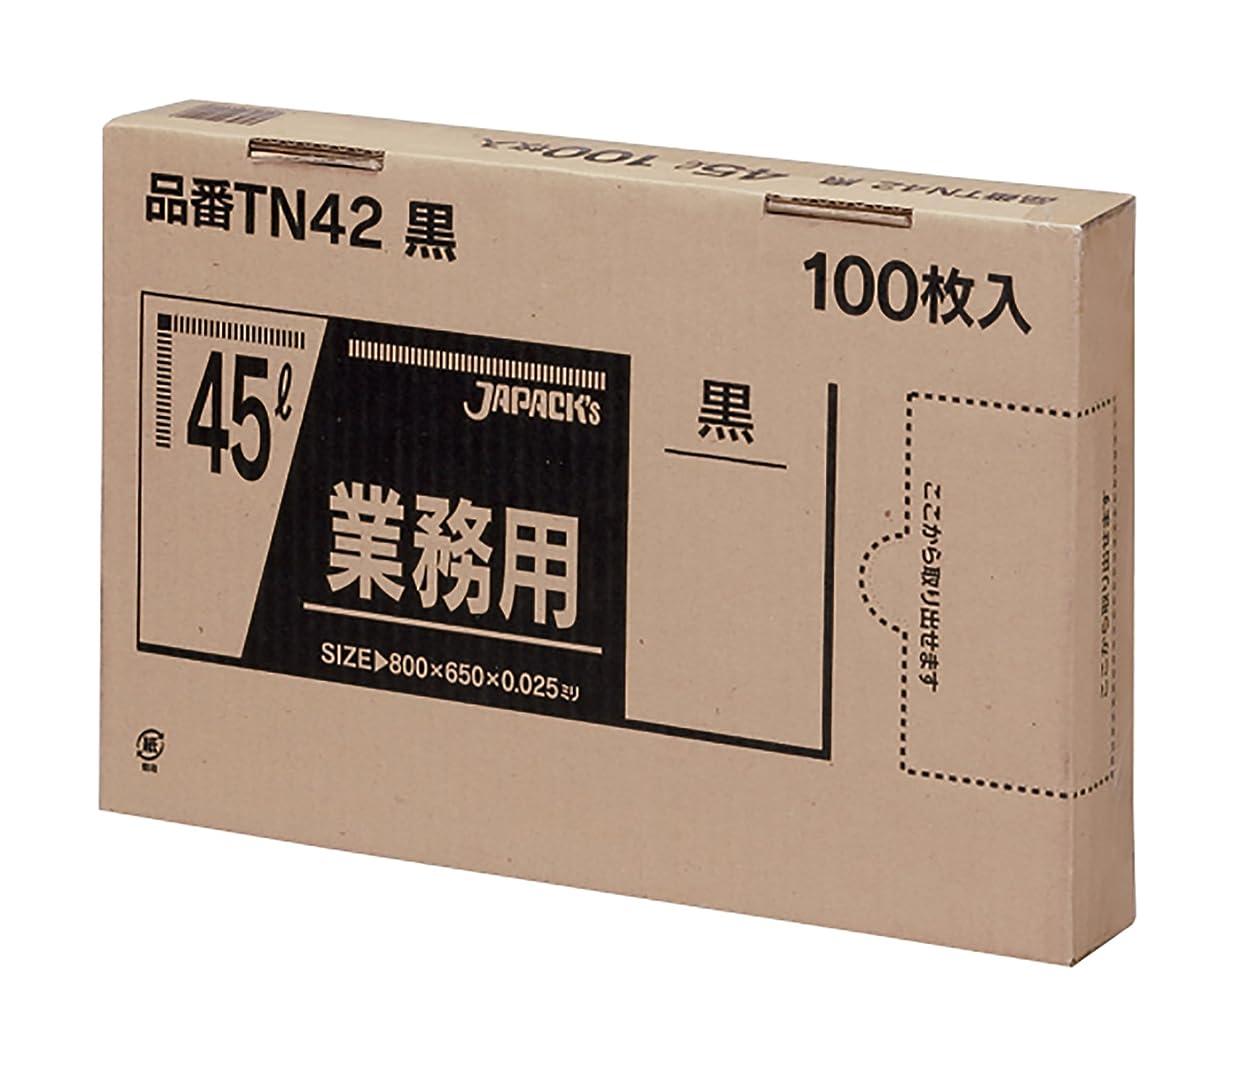 毎年軍キロメートルジャパックス ゴミ袋 黒 45L 横65×縦80cm 厚み0.025mm BOX シリーズ 1枚ずつ 取り出せる ポリ袋 TN-42 100枚入